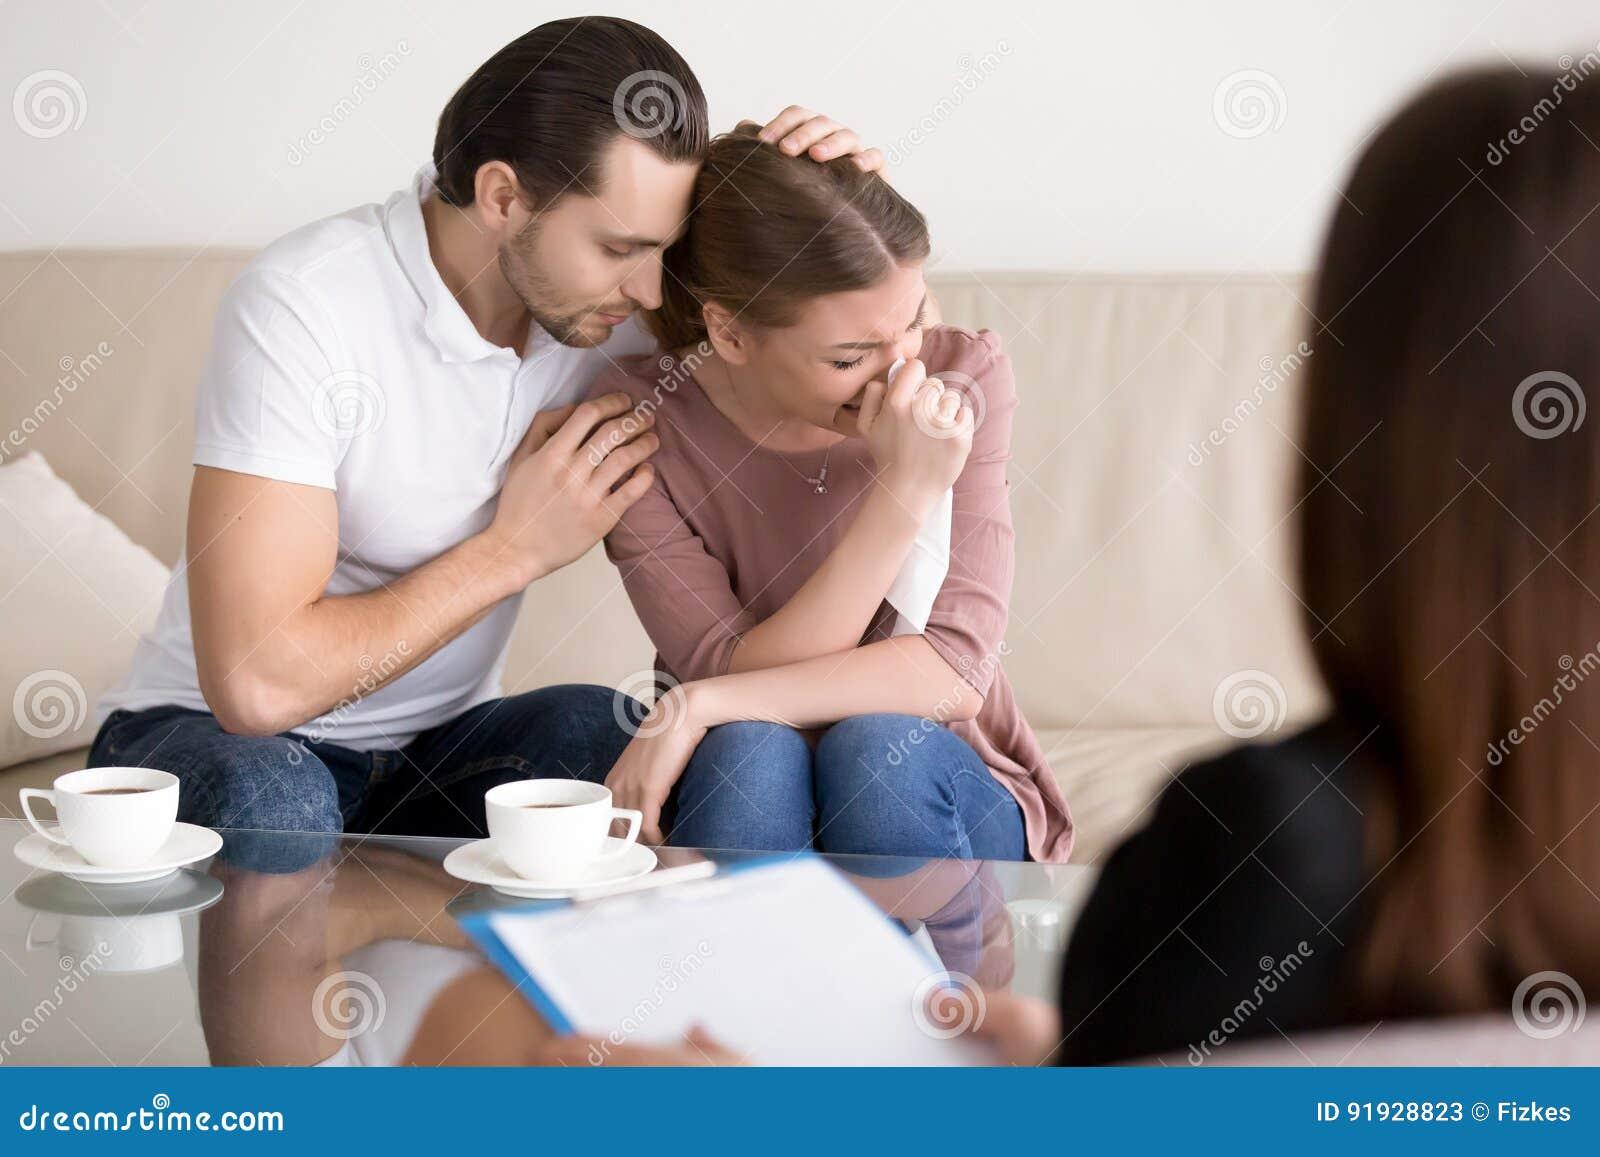 家庭夫妇建议 安慰哀伤的哭泣的妻子的丈夫在